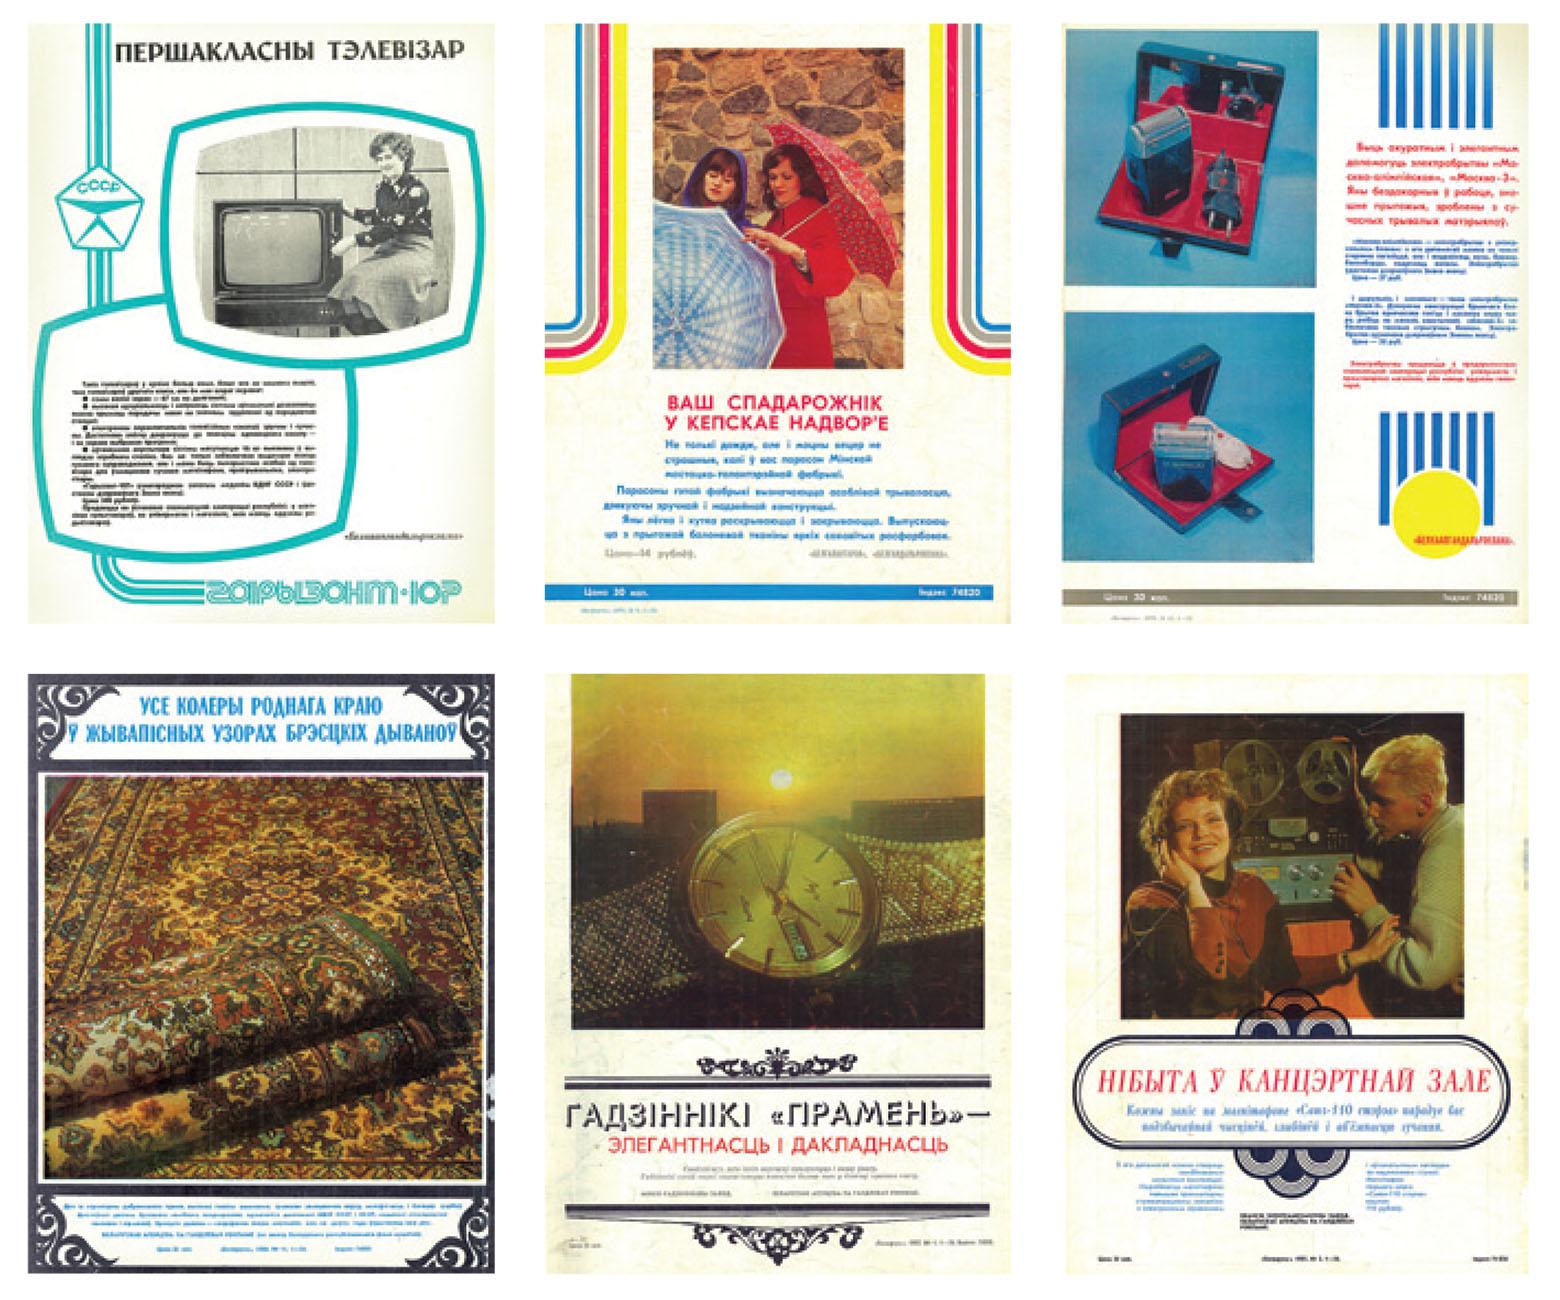 Реклама 80-х в БССР